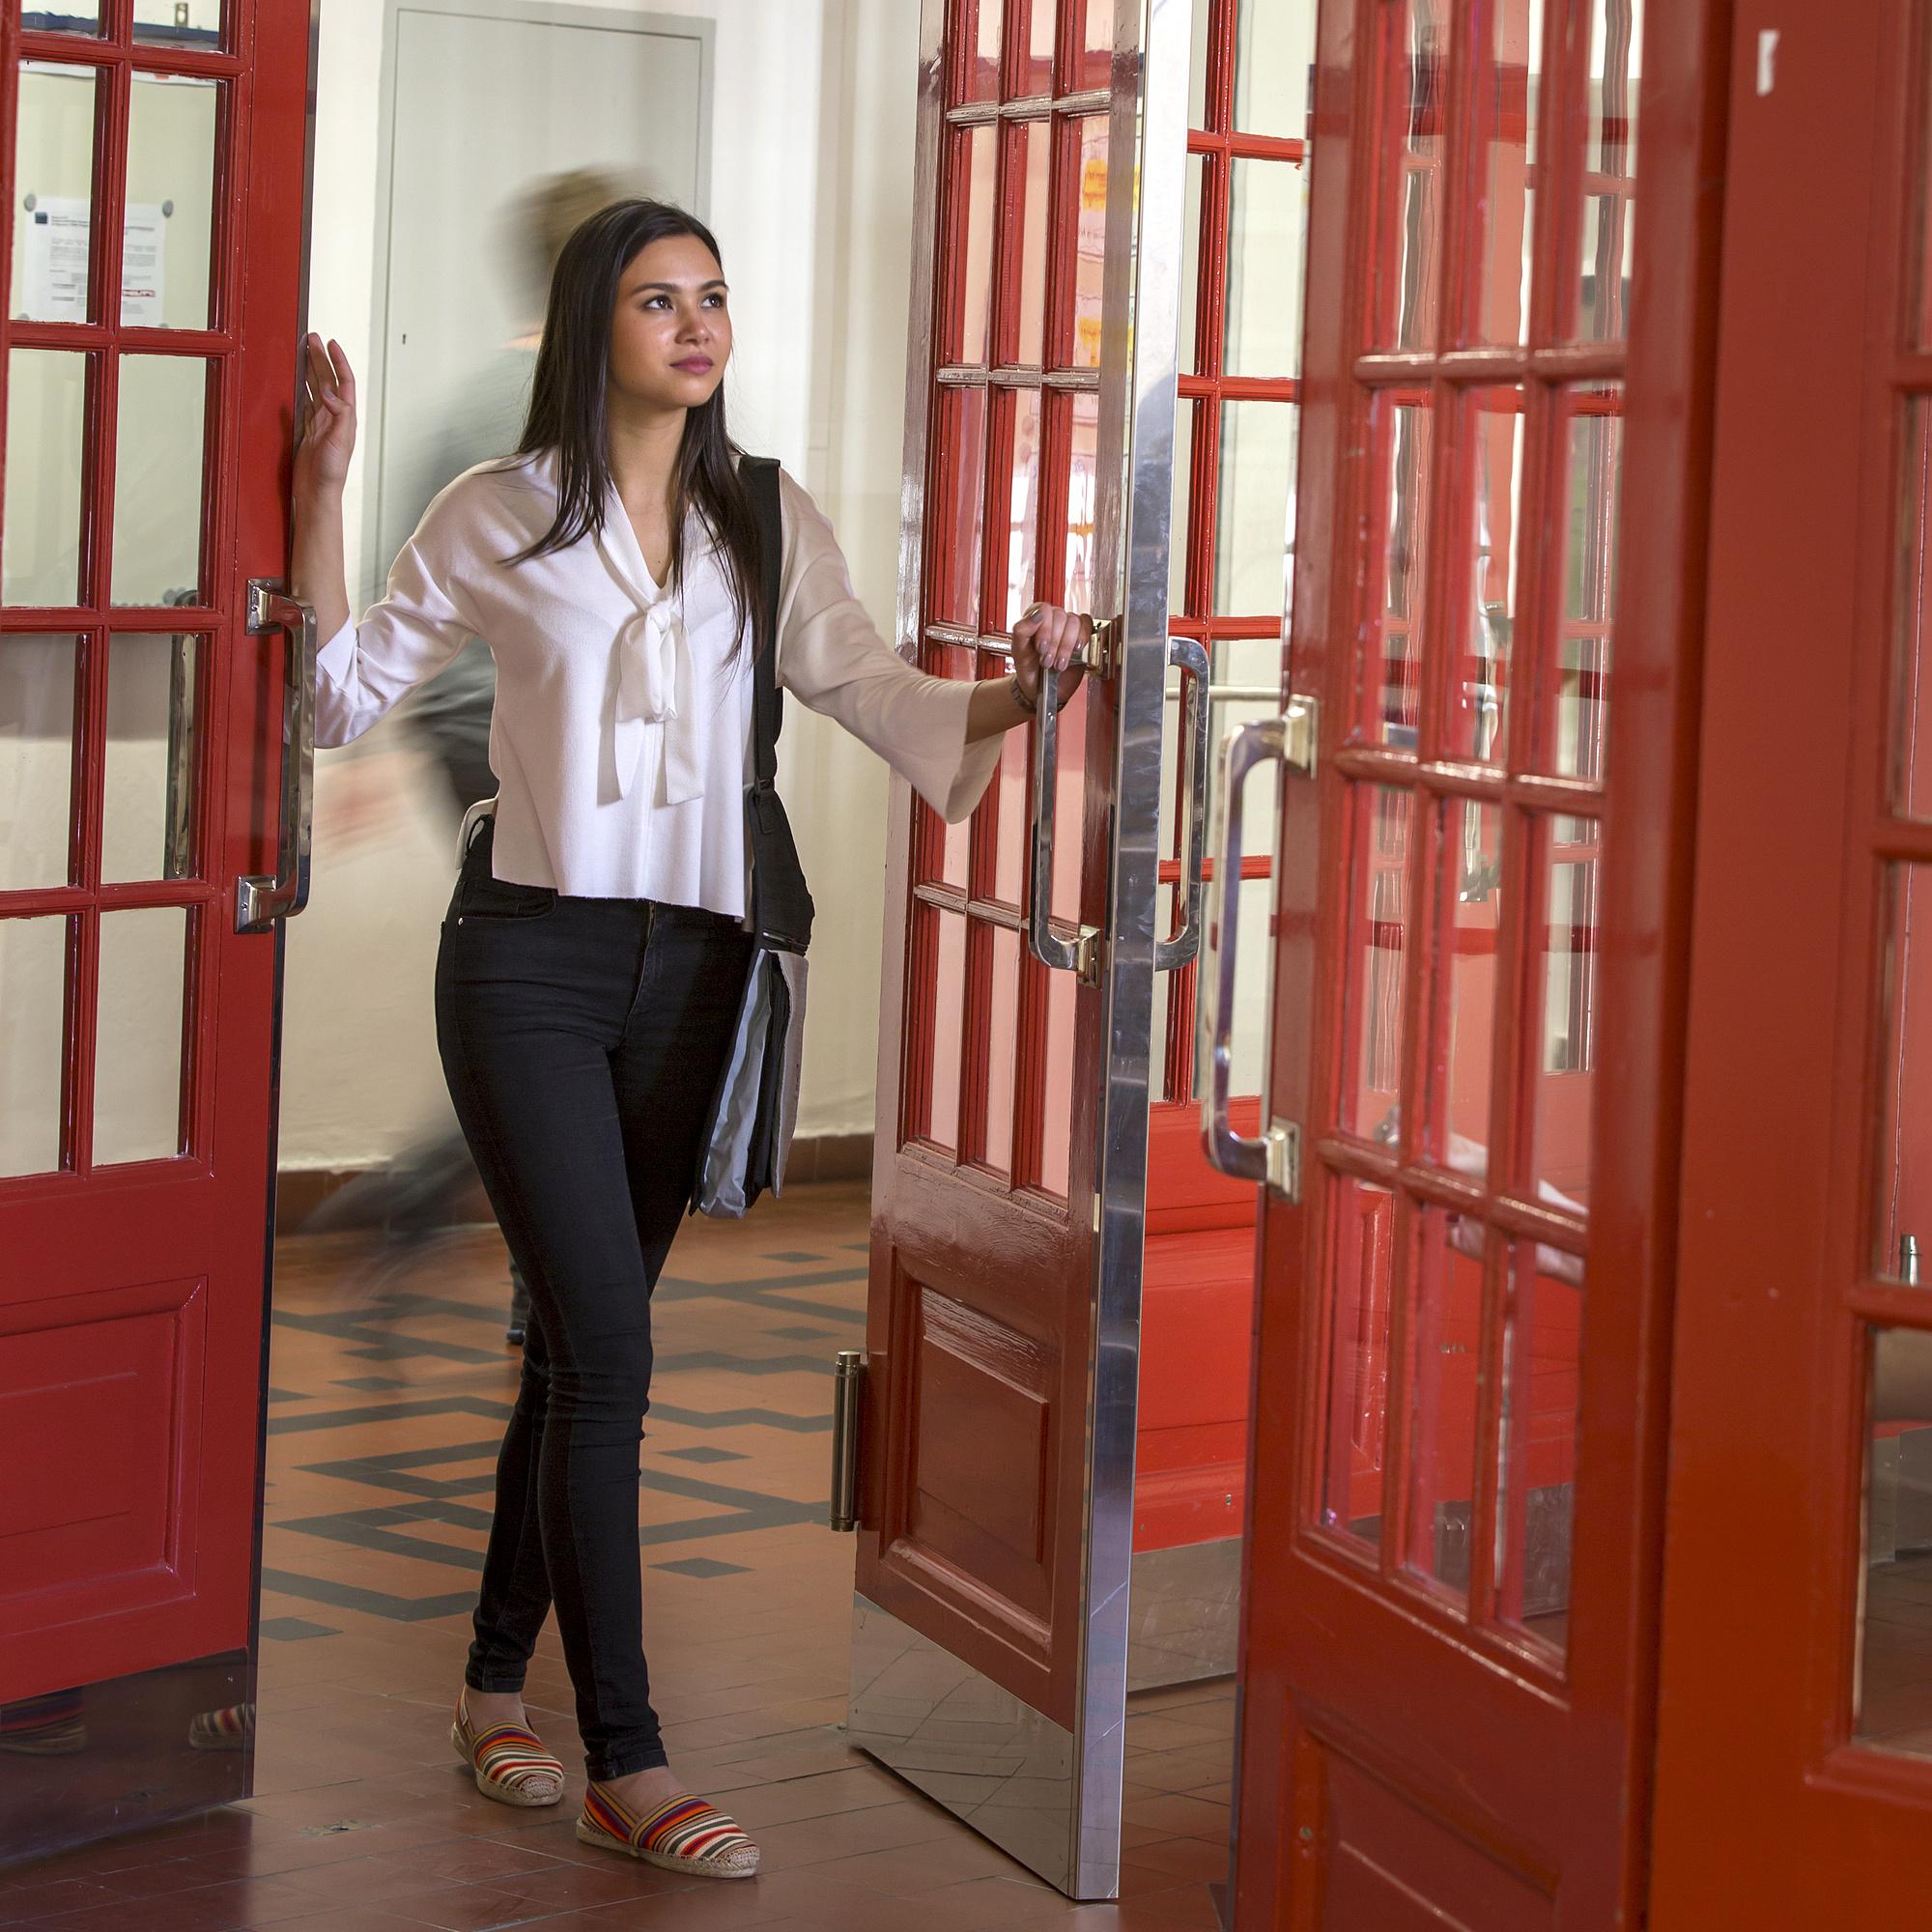 Eine junge Frau geht entschlossen durch eine Tür.